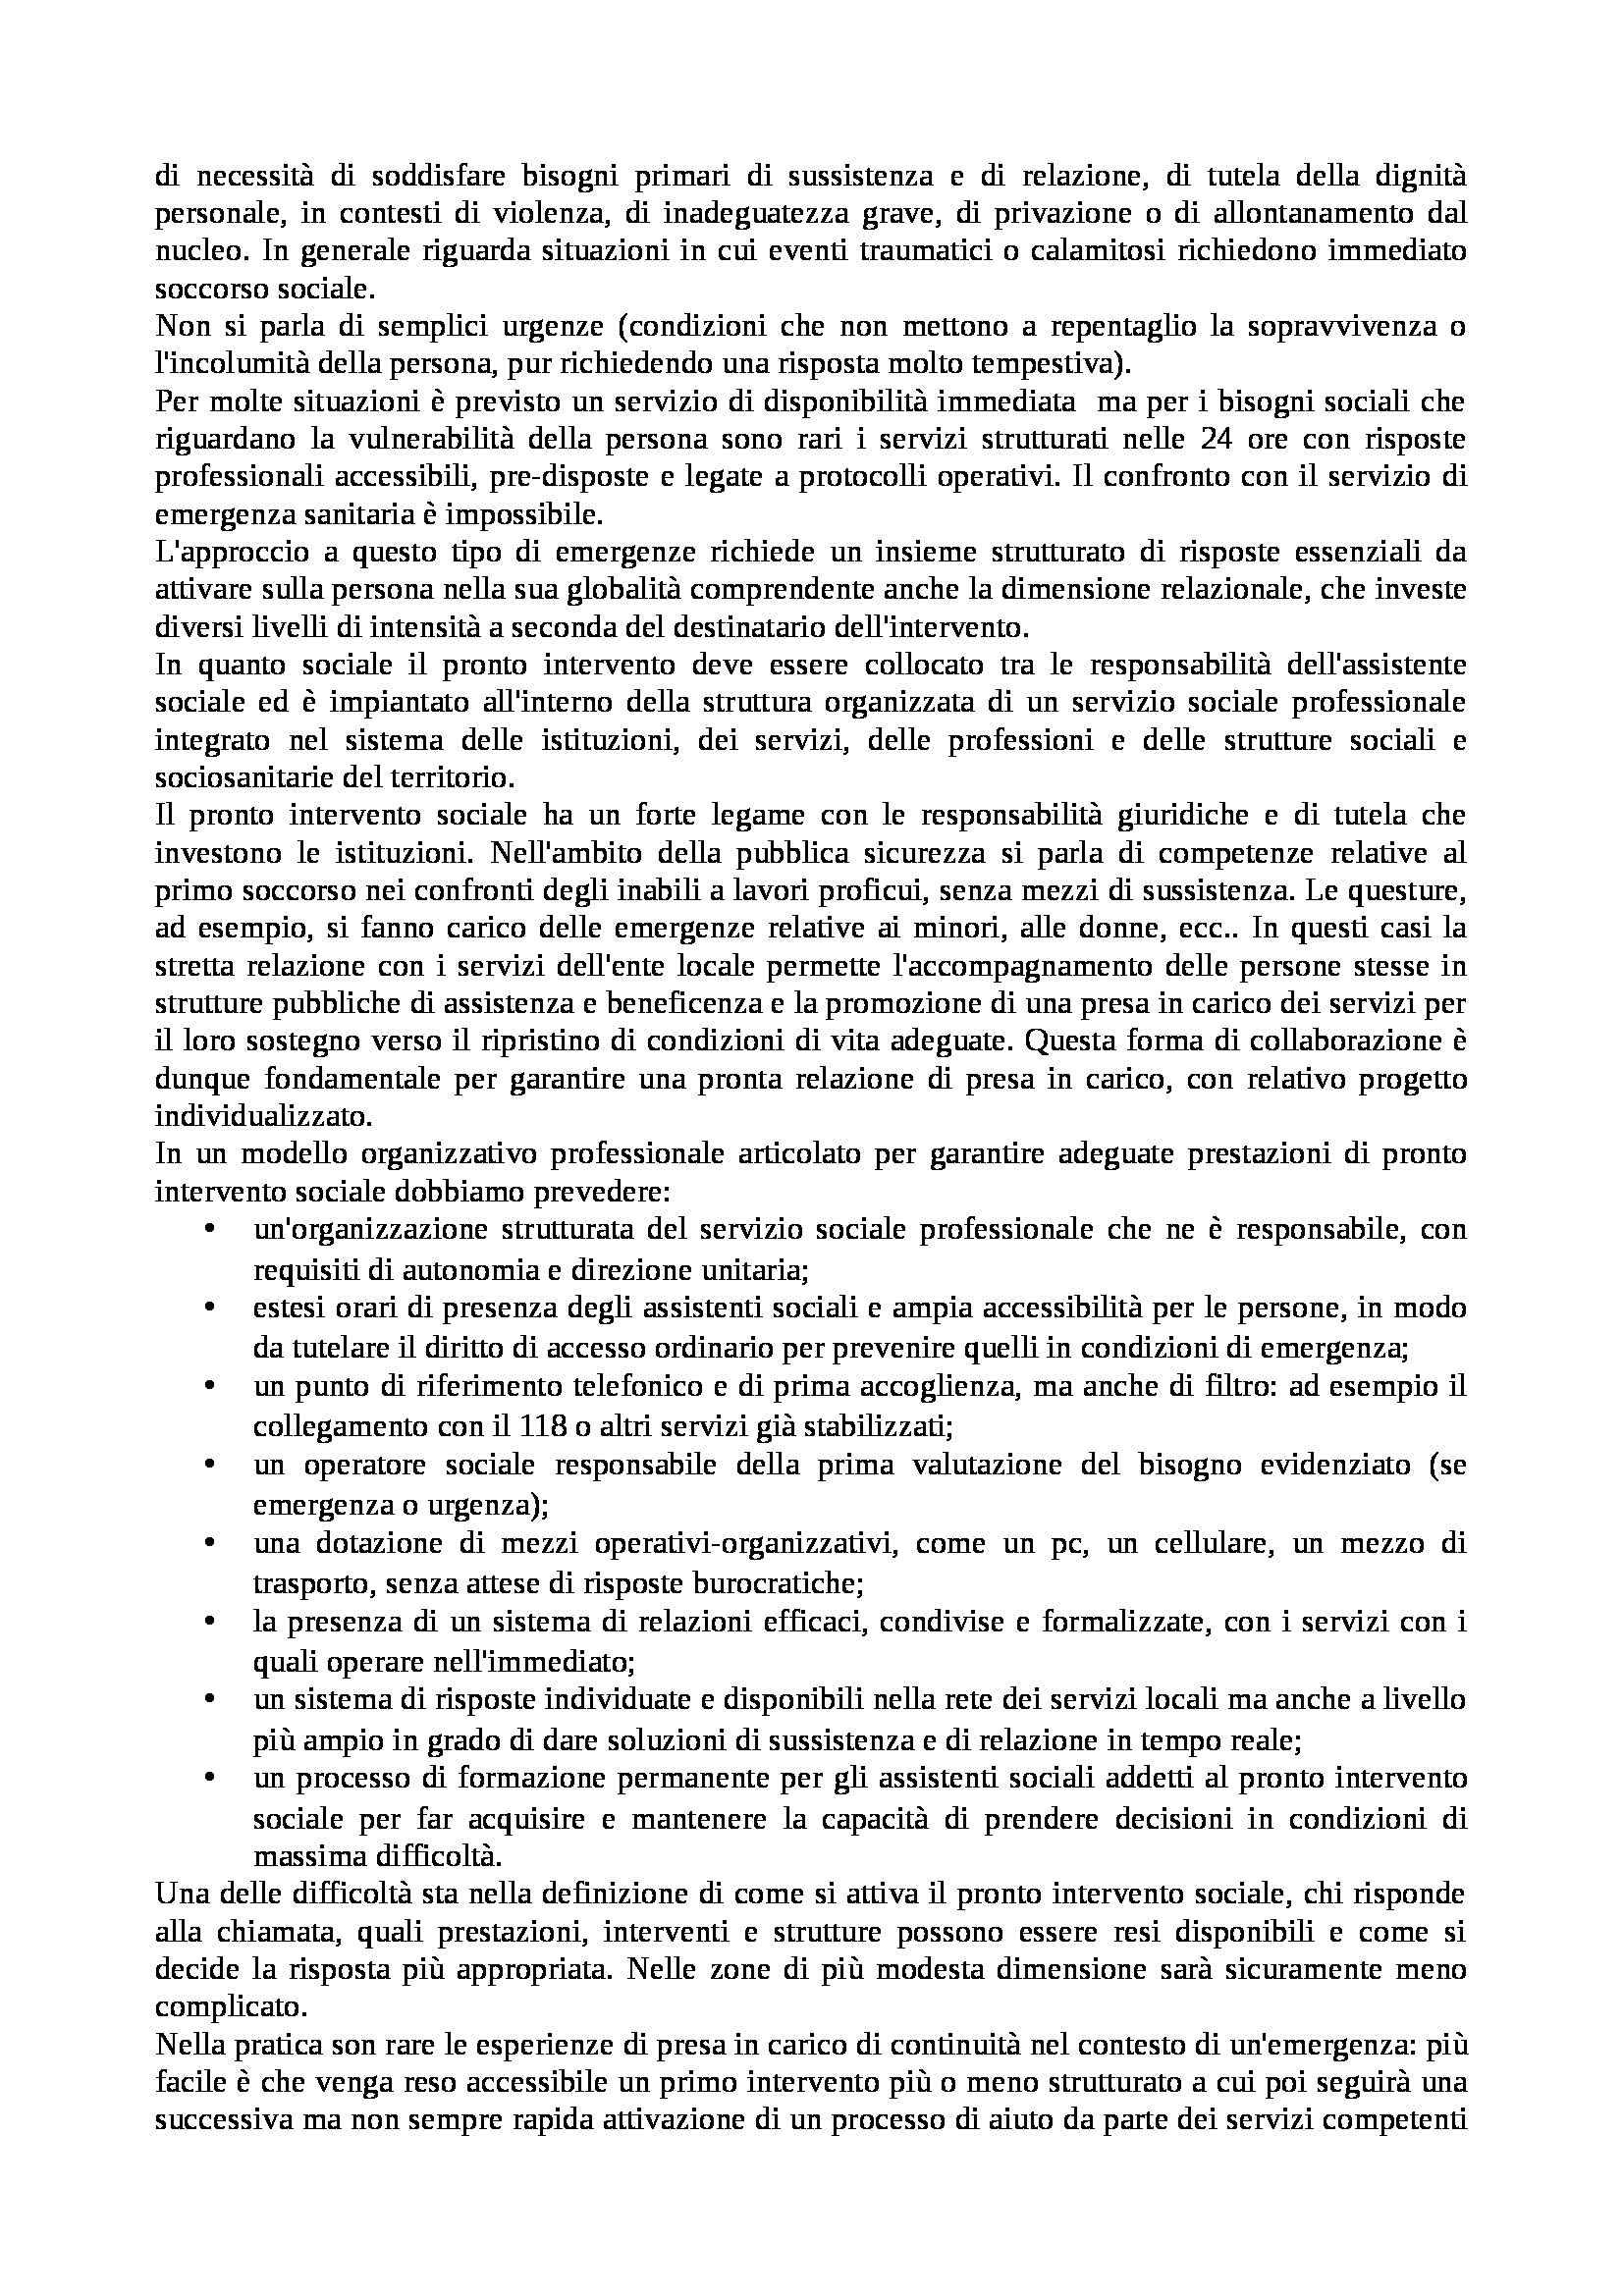 Organizzazione dei servizi sociali - nozioni generali Pag. 2